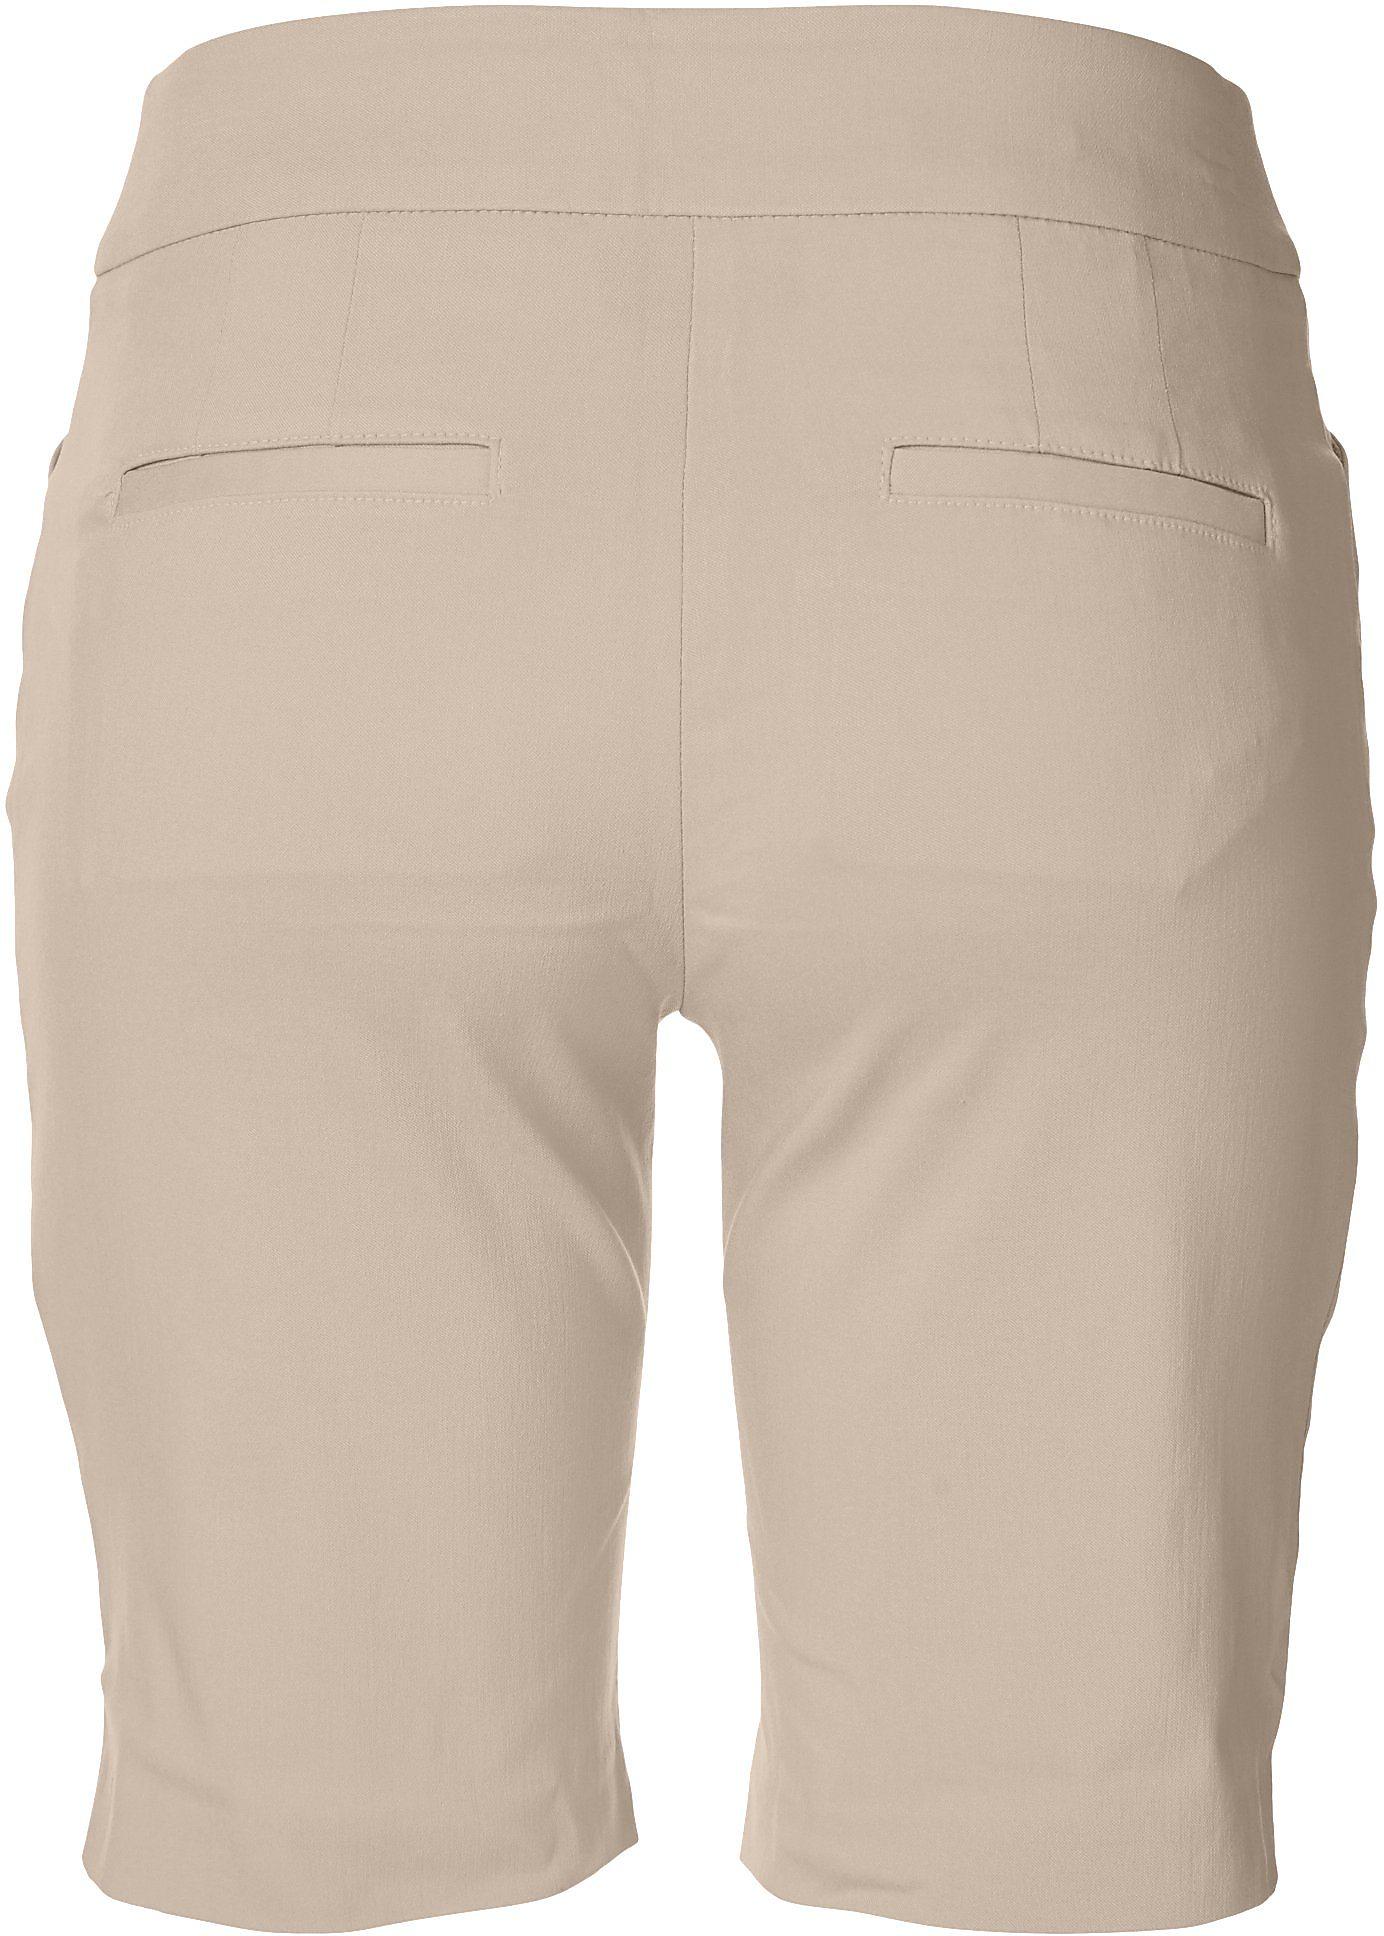 thumbnail 8 - ATTYRE Womens Solid Bermuda Shorts